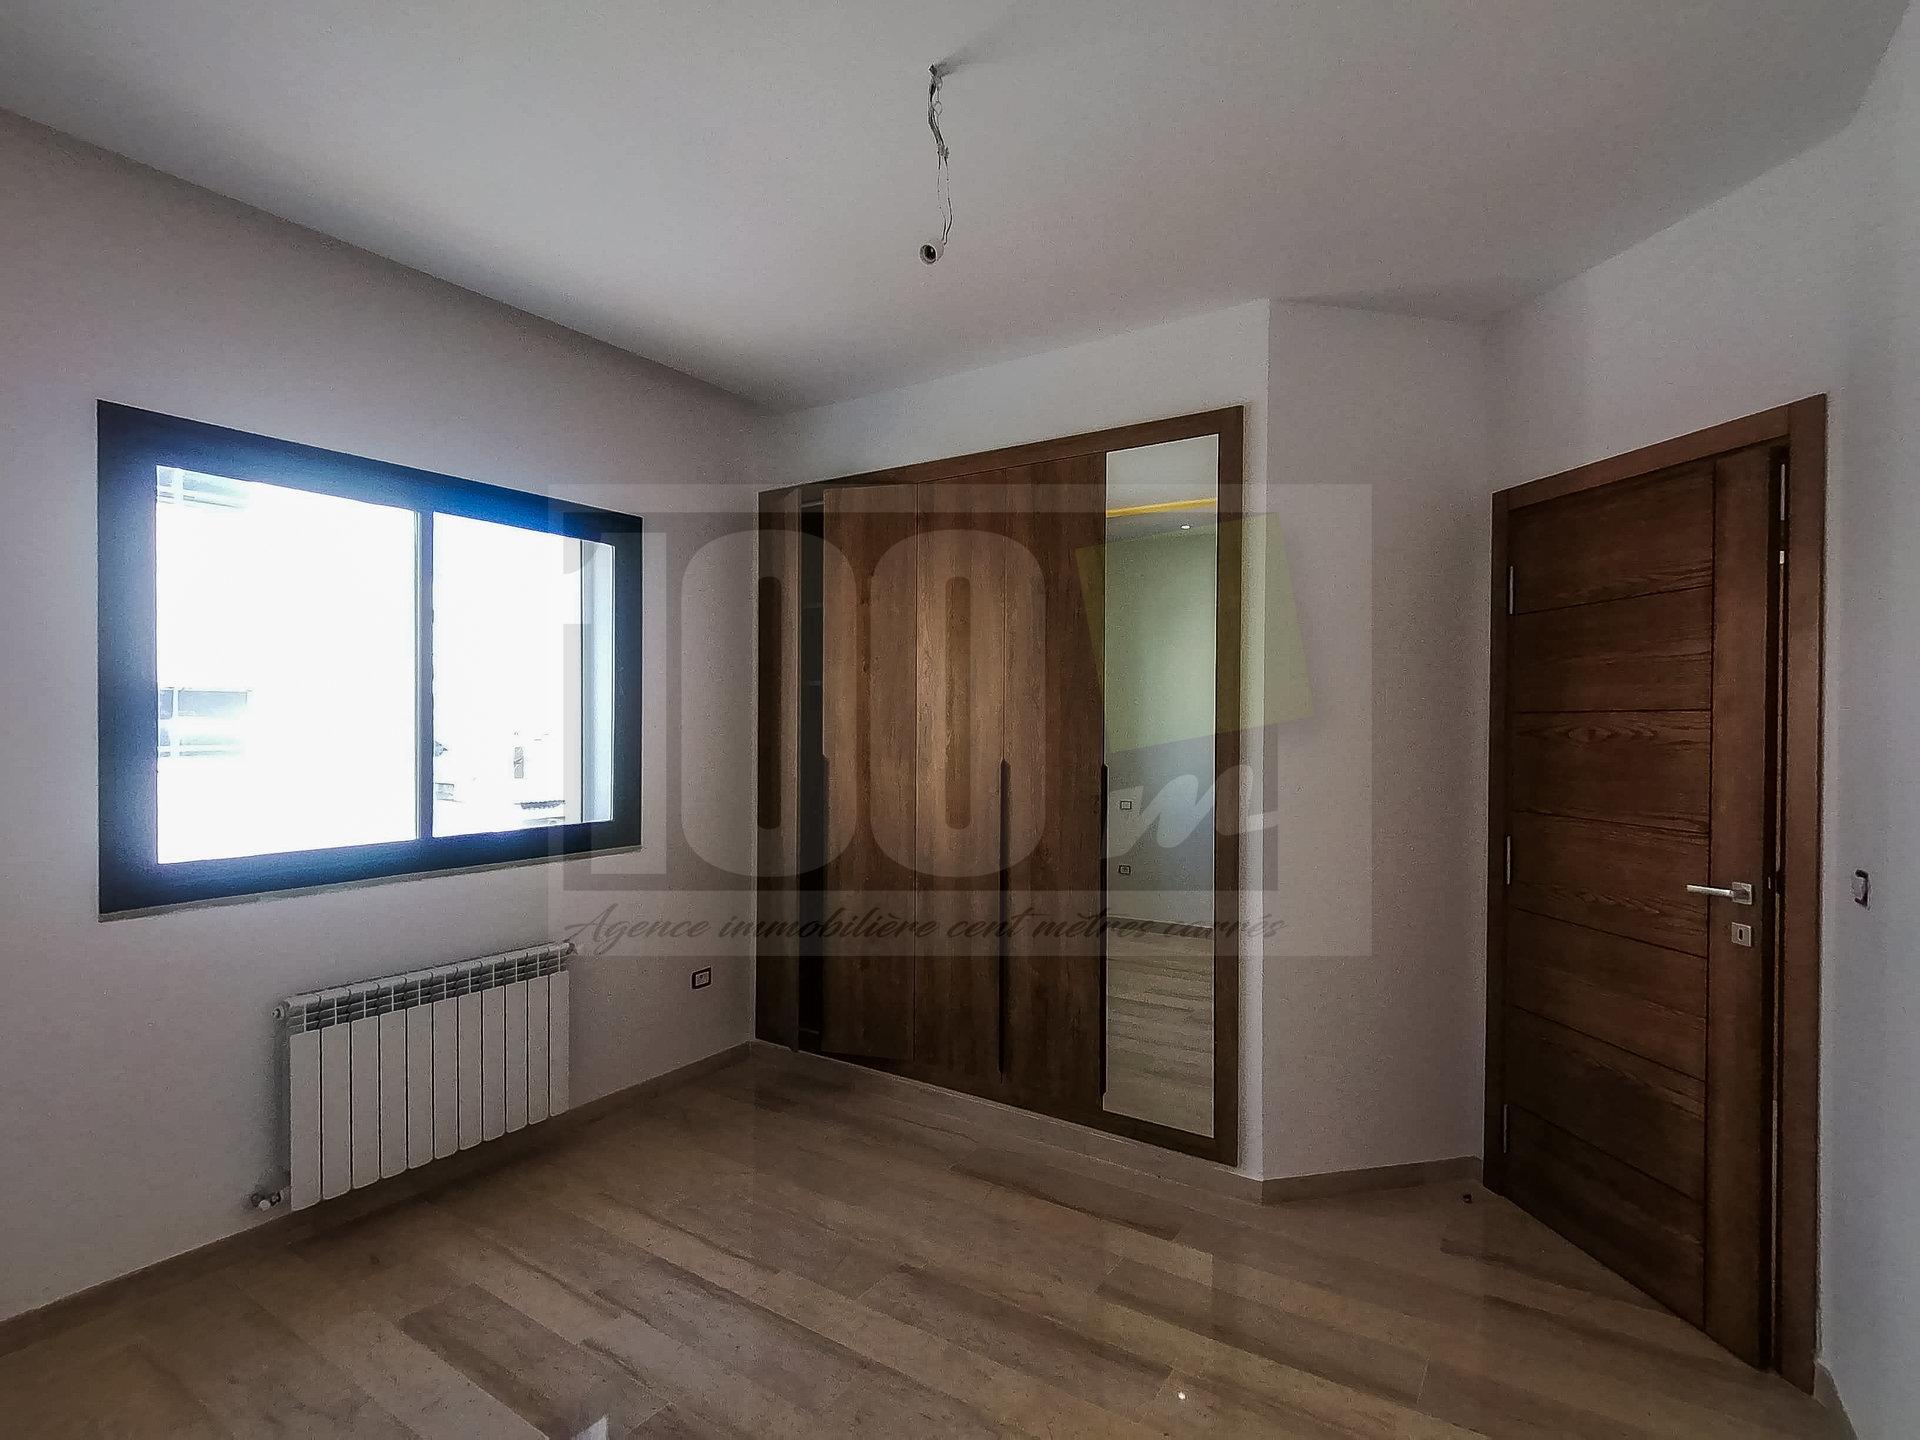 Vente appartement S+1 avec jardin à Kheireddine La Goulette